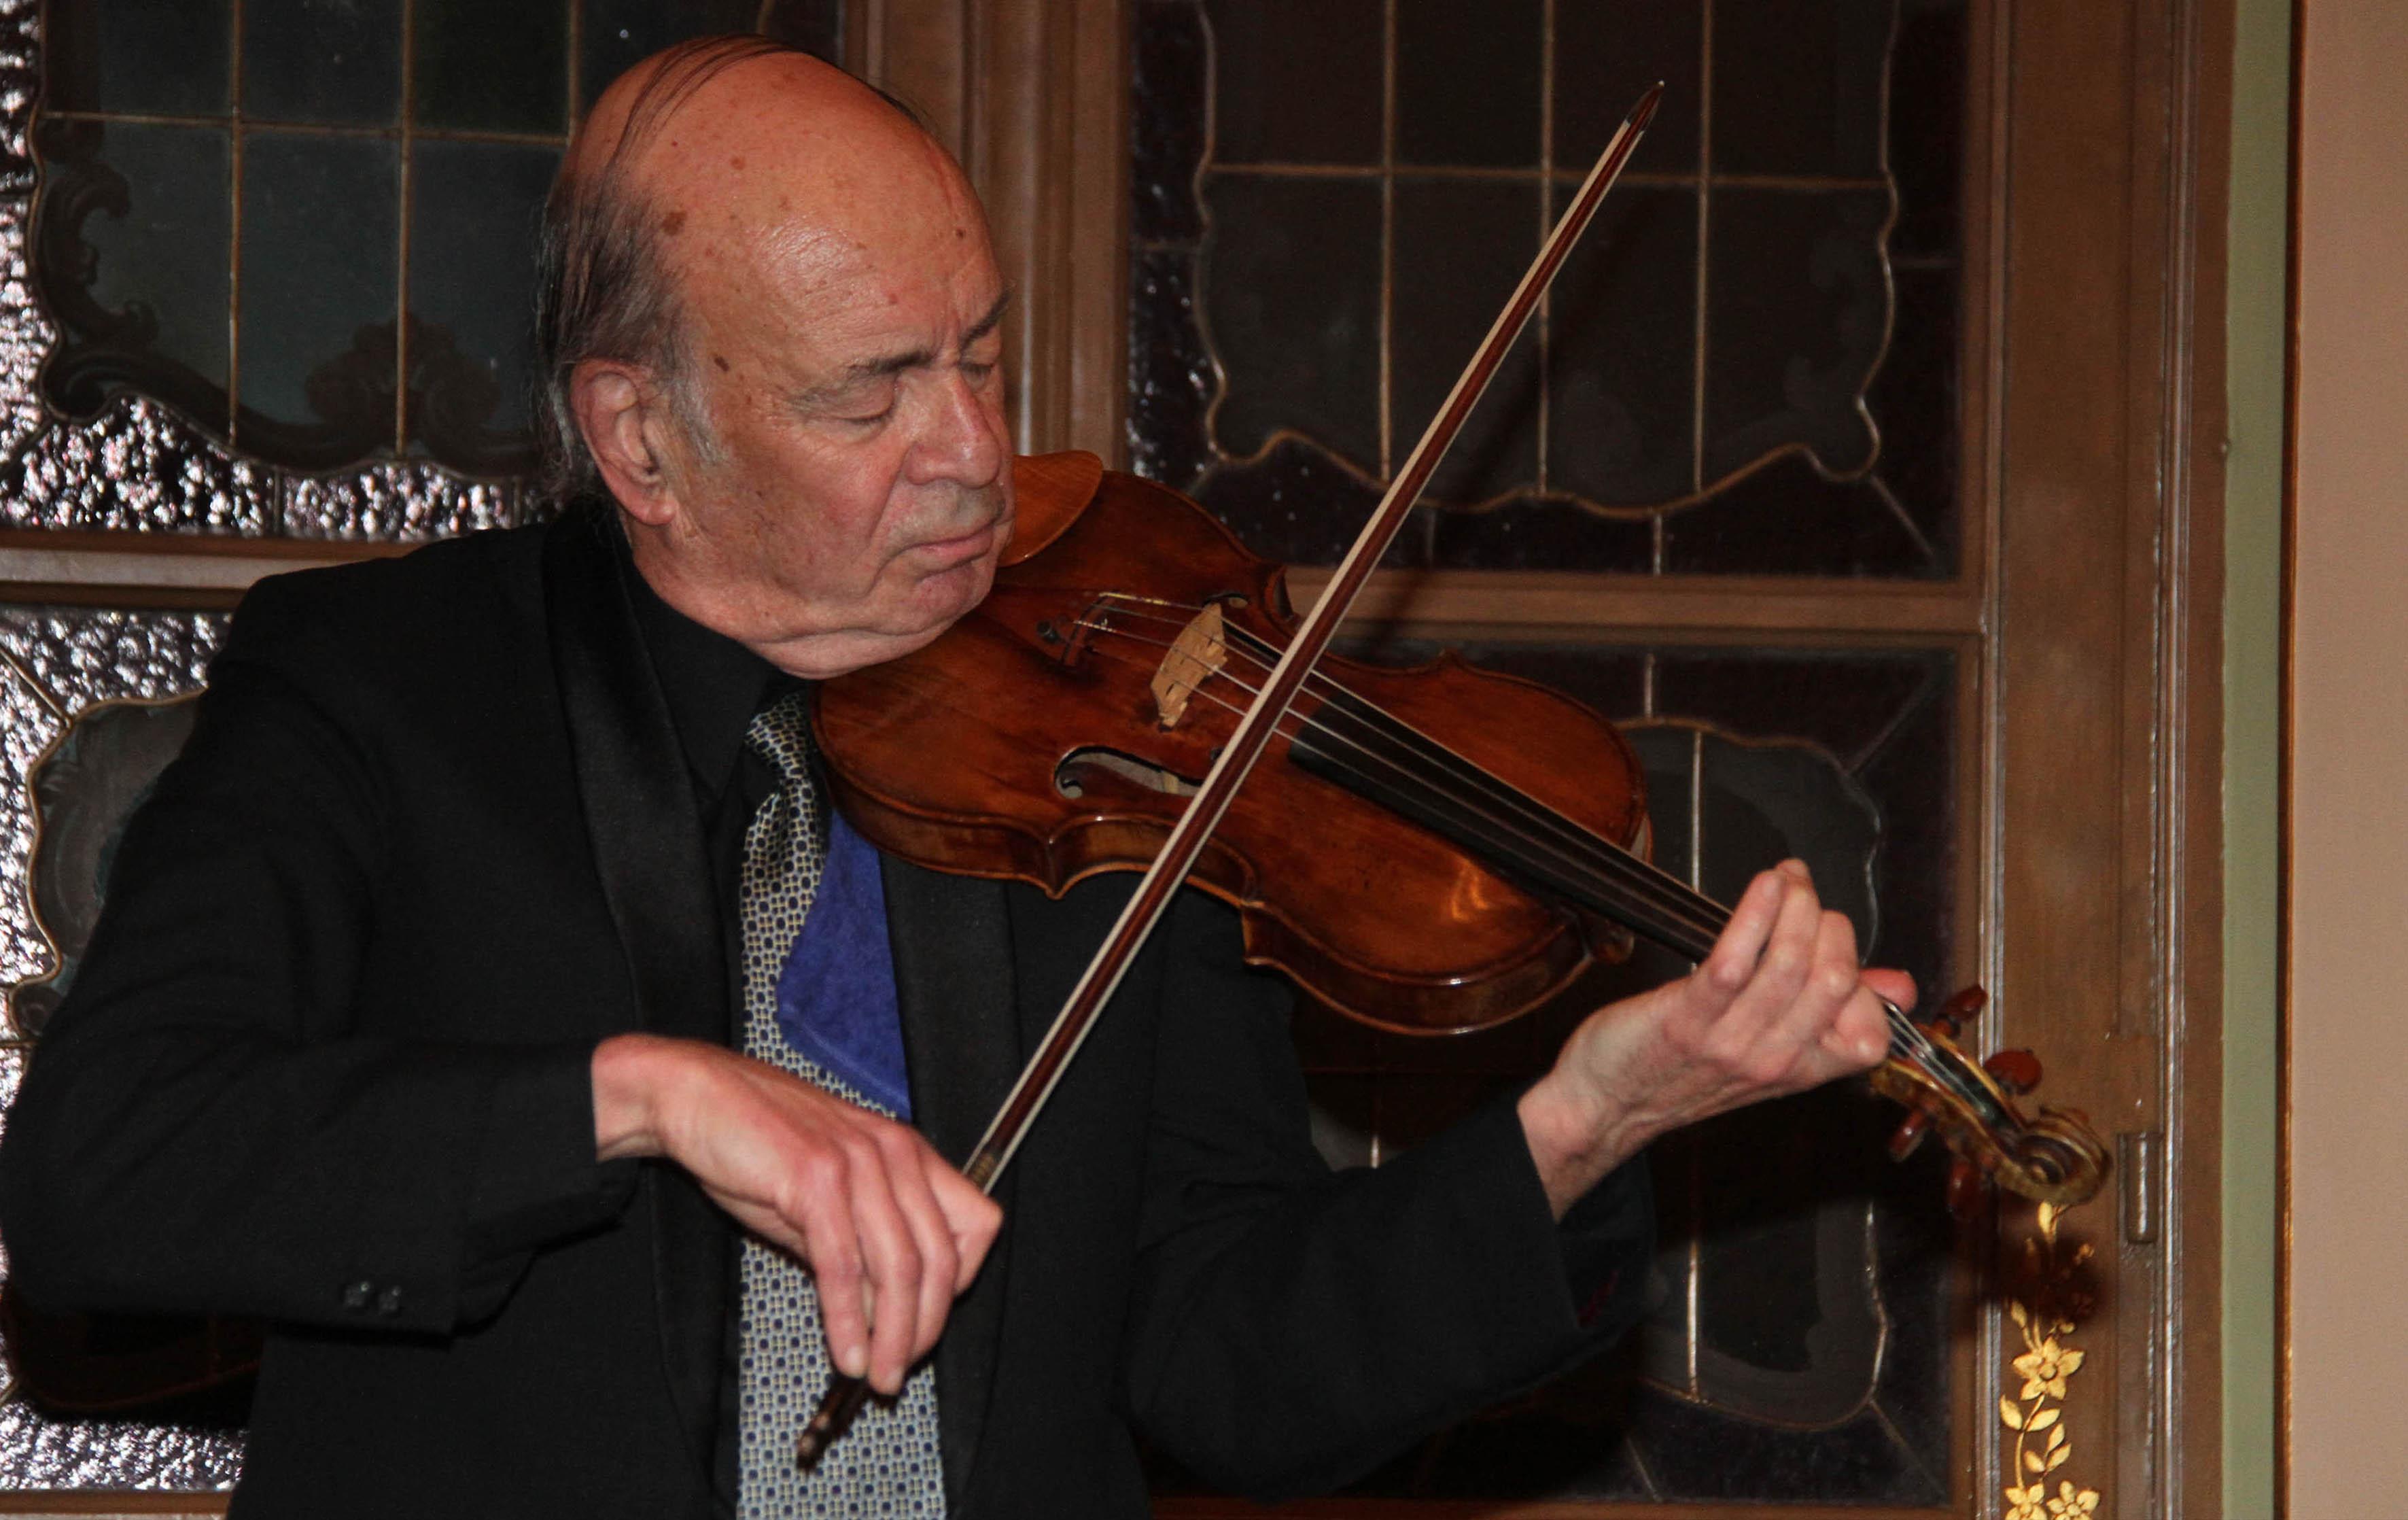 Violinist Jack